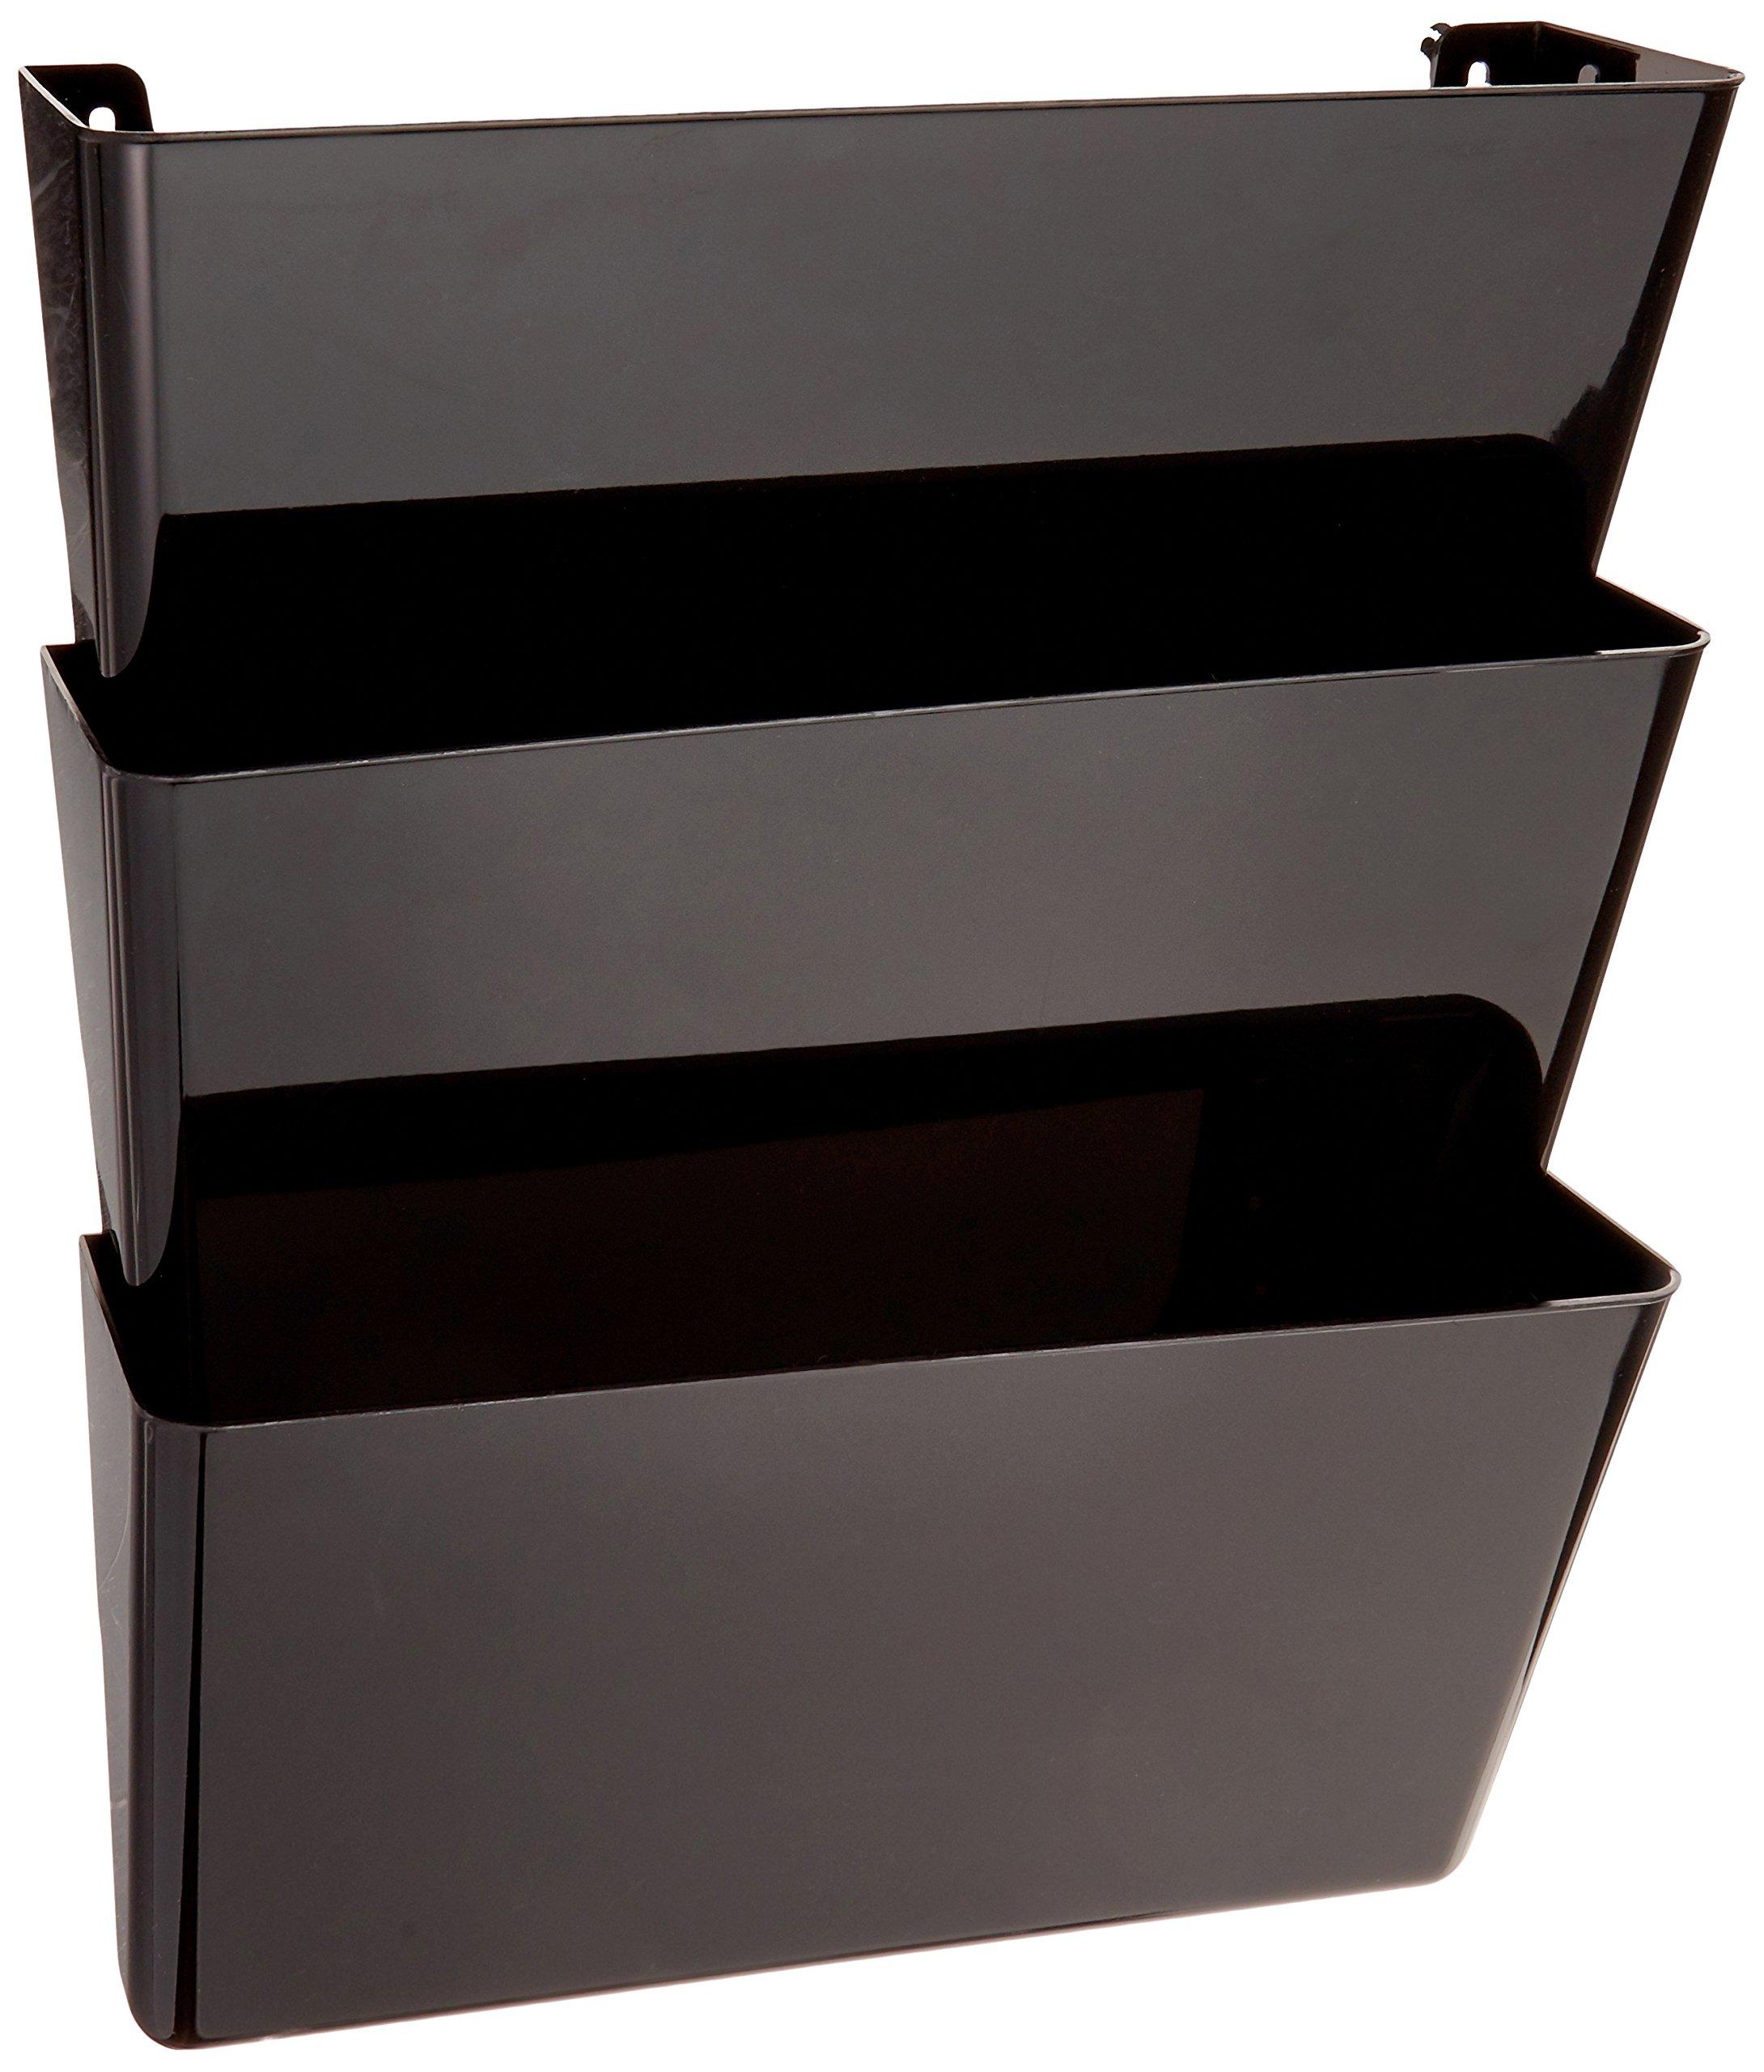 wall mount 3 trays hanging file sorter organizer folder holder rack storage new ebay. Black Bedroom Furniture Sets. Home Design Ideas